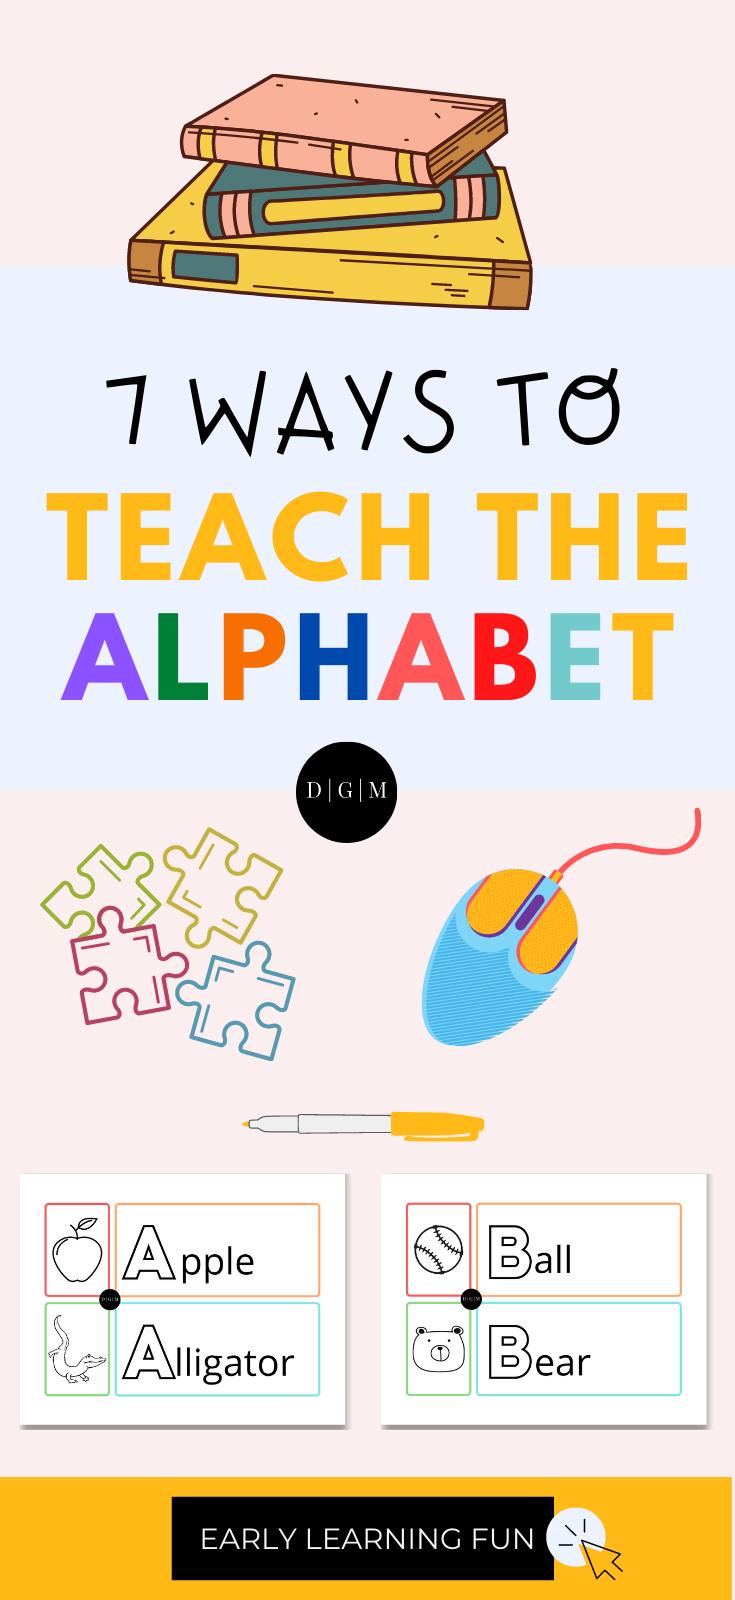 7 ways to teach the alphabet